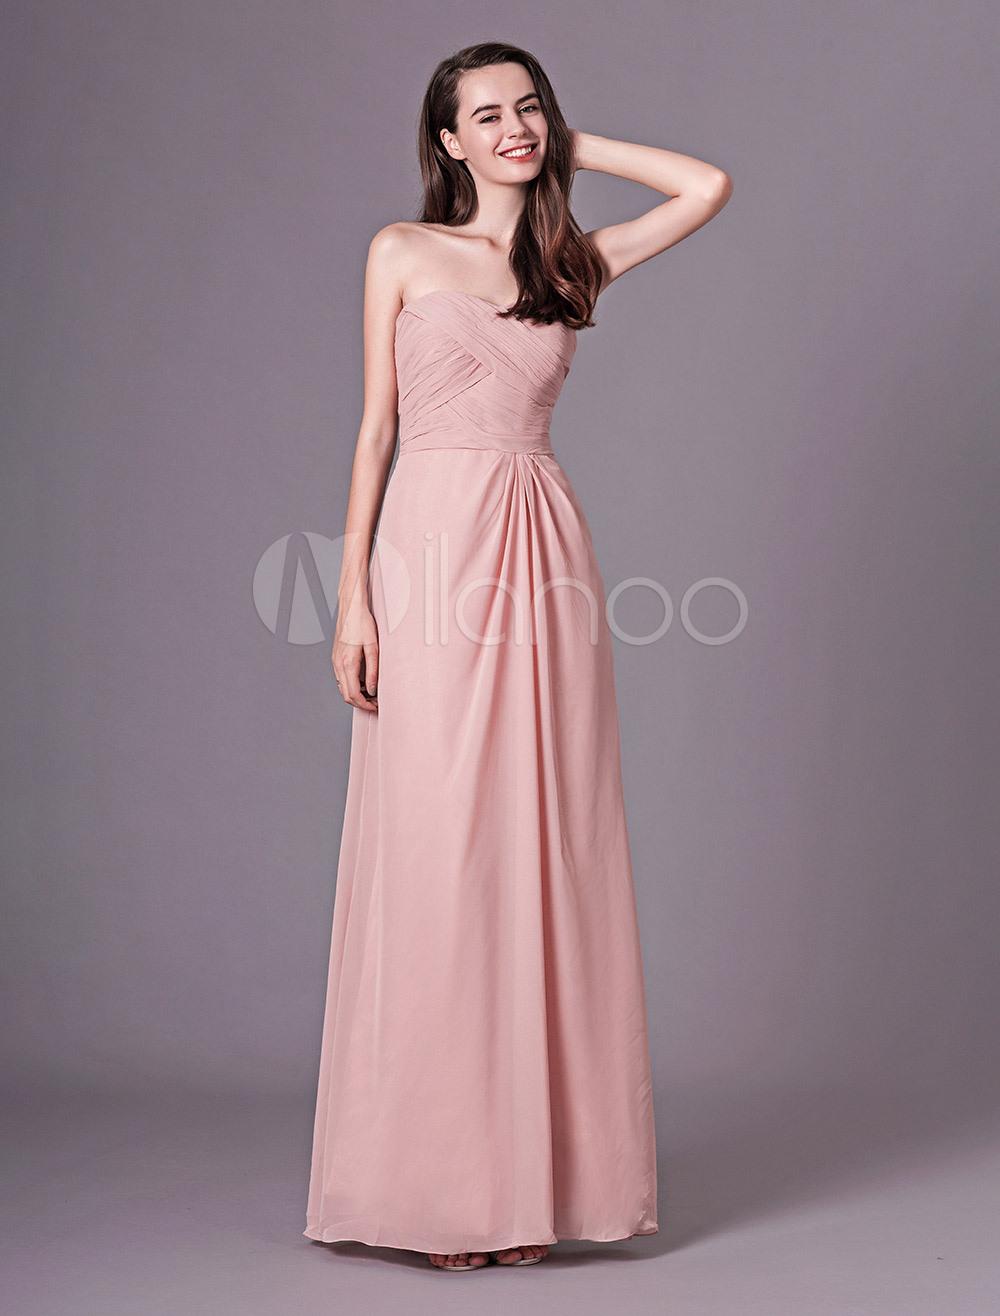 13 Schön Abendkleid Zweiteilig Corsage VertriebFormal Spektakulär Abendkleid Zweiteilig Corsage Spezialgebiet